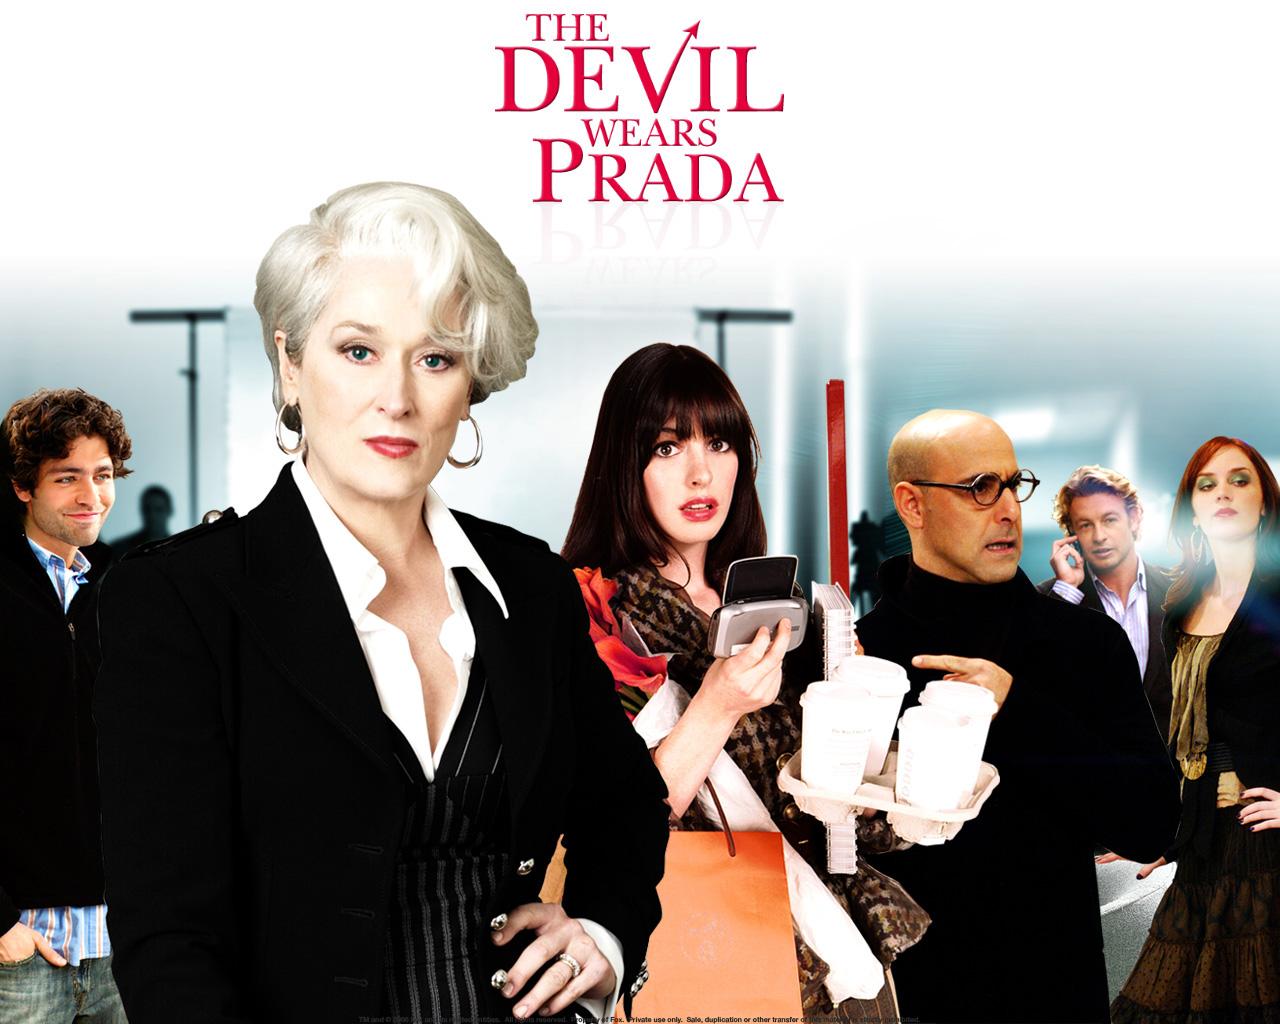 http://3.bp.blogspot.com/-5hFnYz2cigU/UC_zVfgkpUI/AAAAAAAAAaA/sLmWnvzA7cI/s1600/Meryl_Streep_in_The_Devil_Wears_Prada_Wallpaper_1_1280.jpg